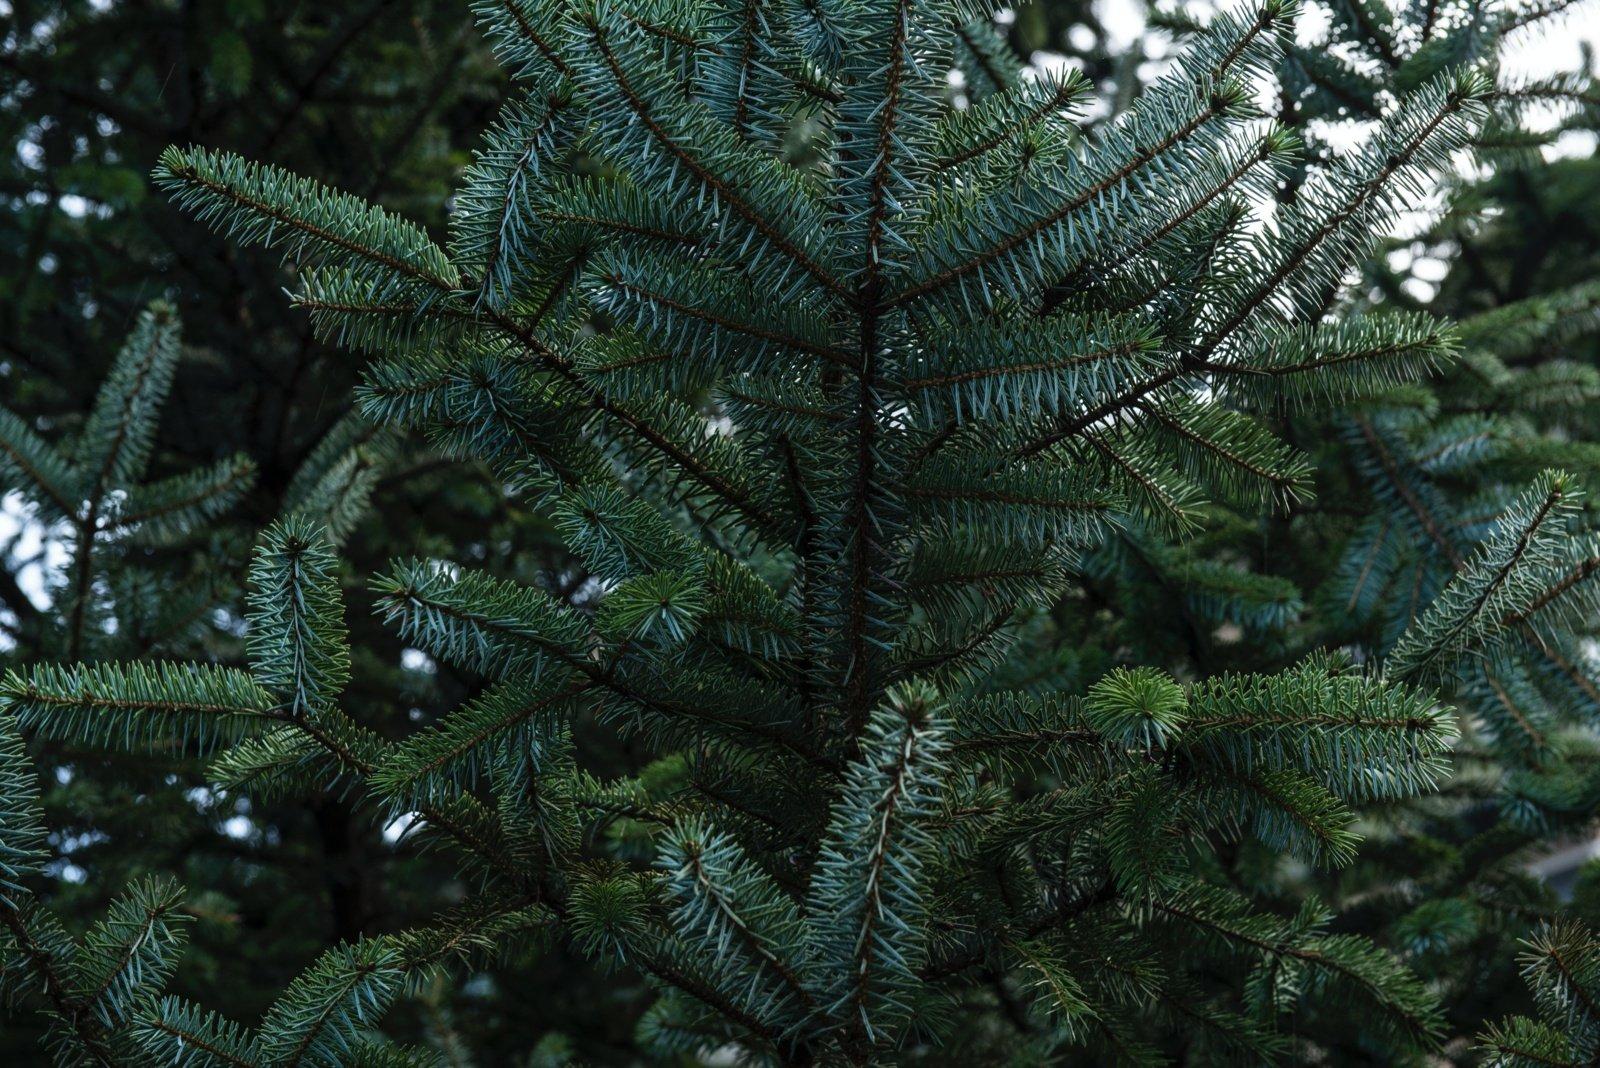 Valstybinių miškų urėdija pradėjo prekybą Kalėdų eglutėmis